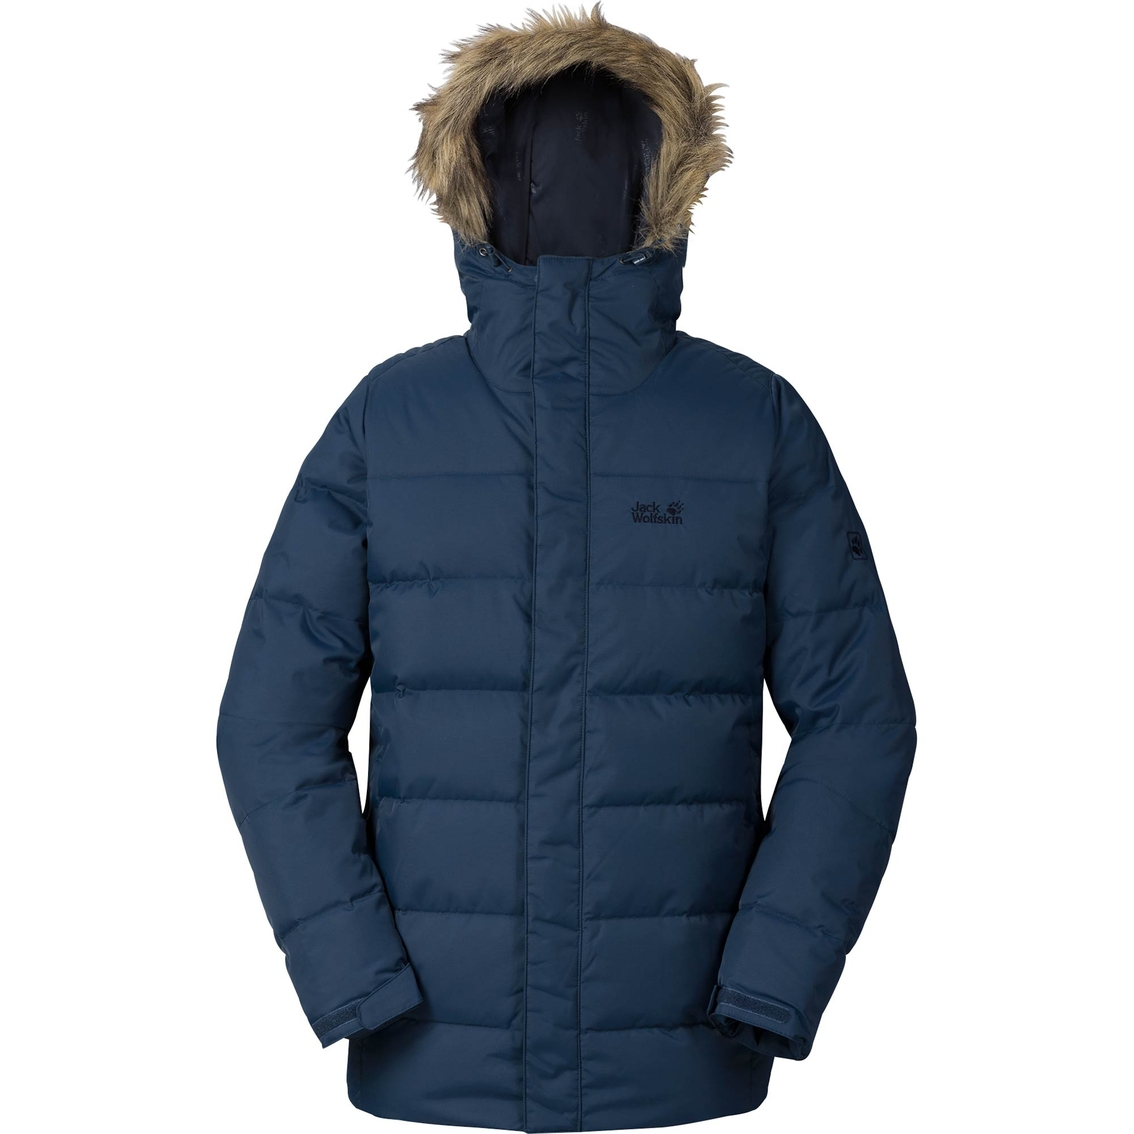 Jack Wolfskin Baffin Jacket, Dark Teal | Jackets | Apparel